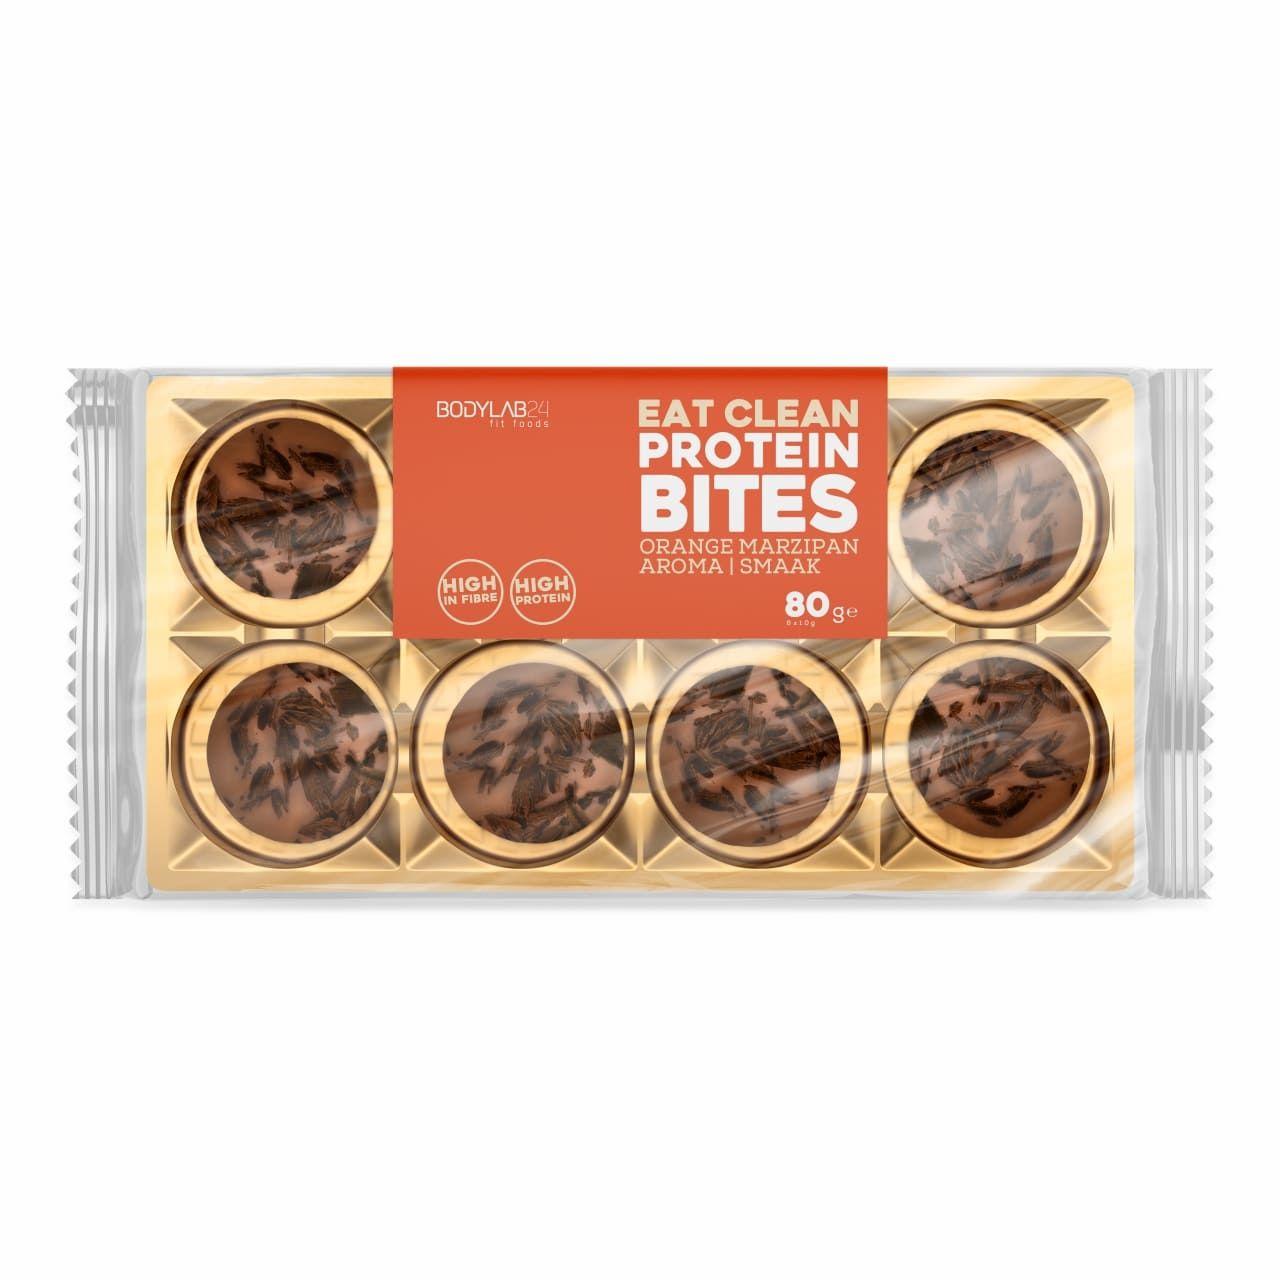 Eat Clean Protein Bites - 80g - Orange-Marzipan (Weihnachts-Edition)